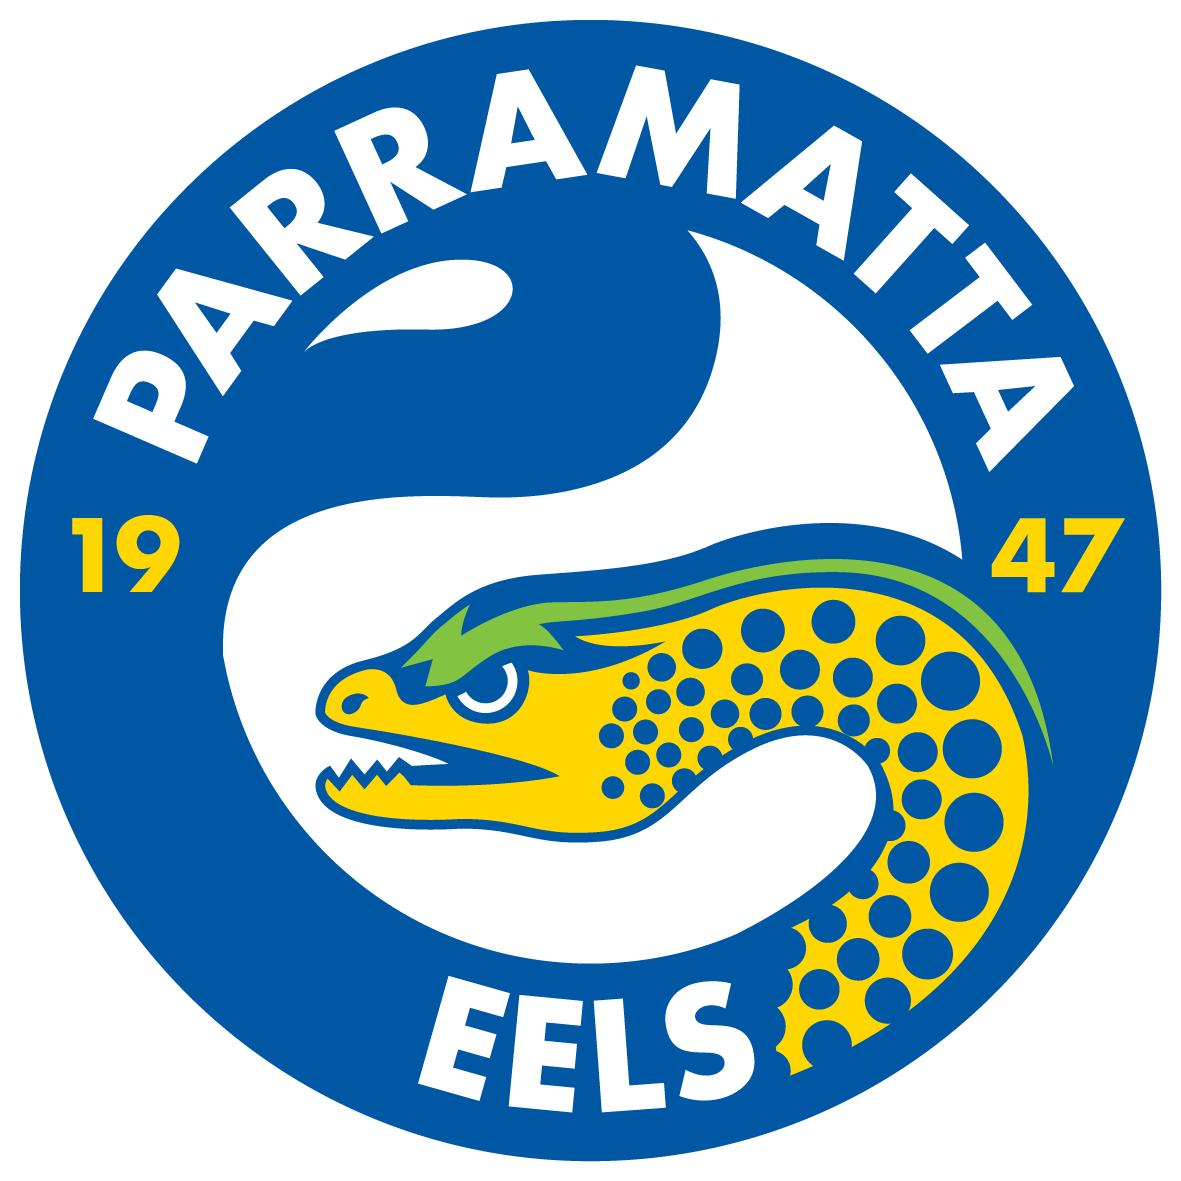 Parramatta Eeels logo